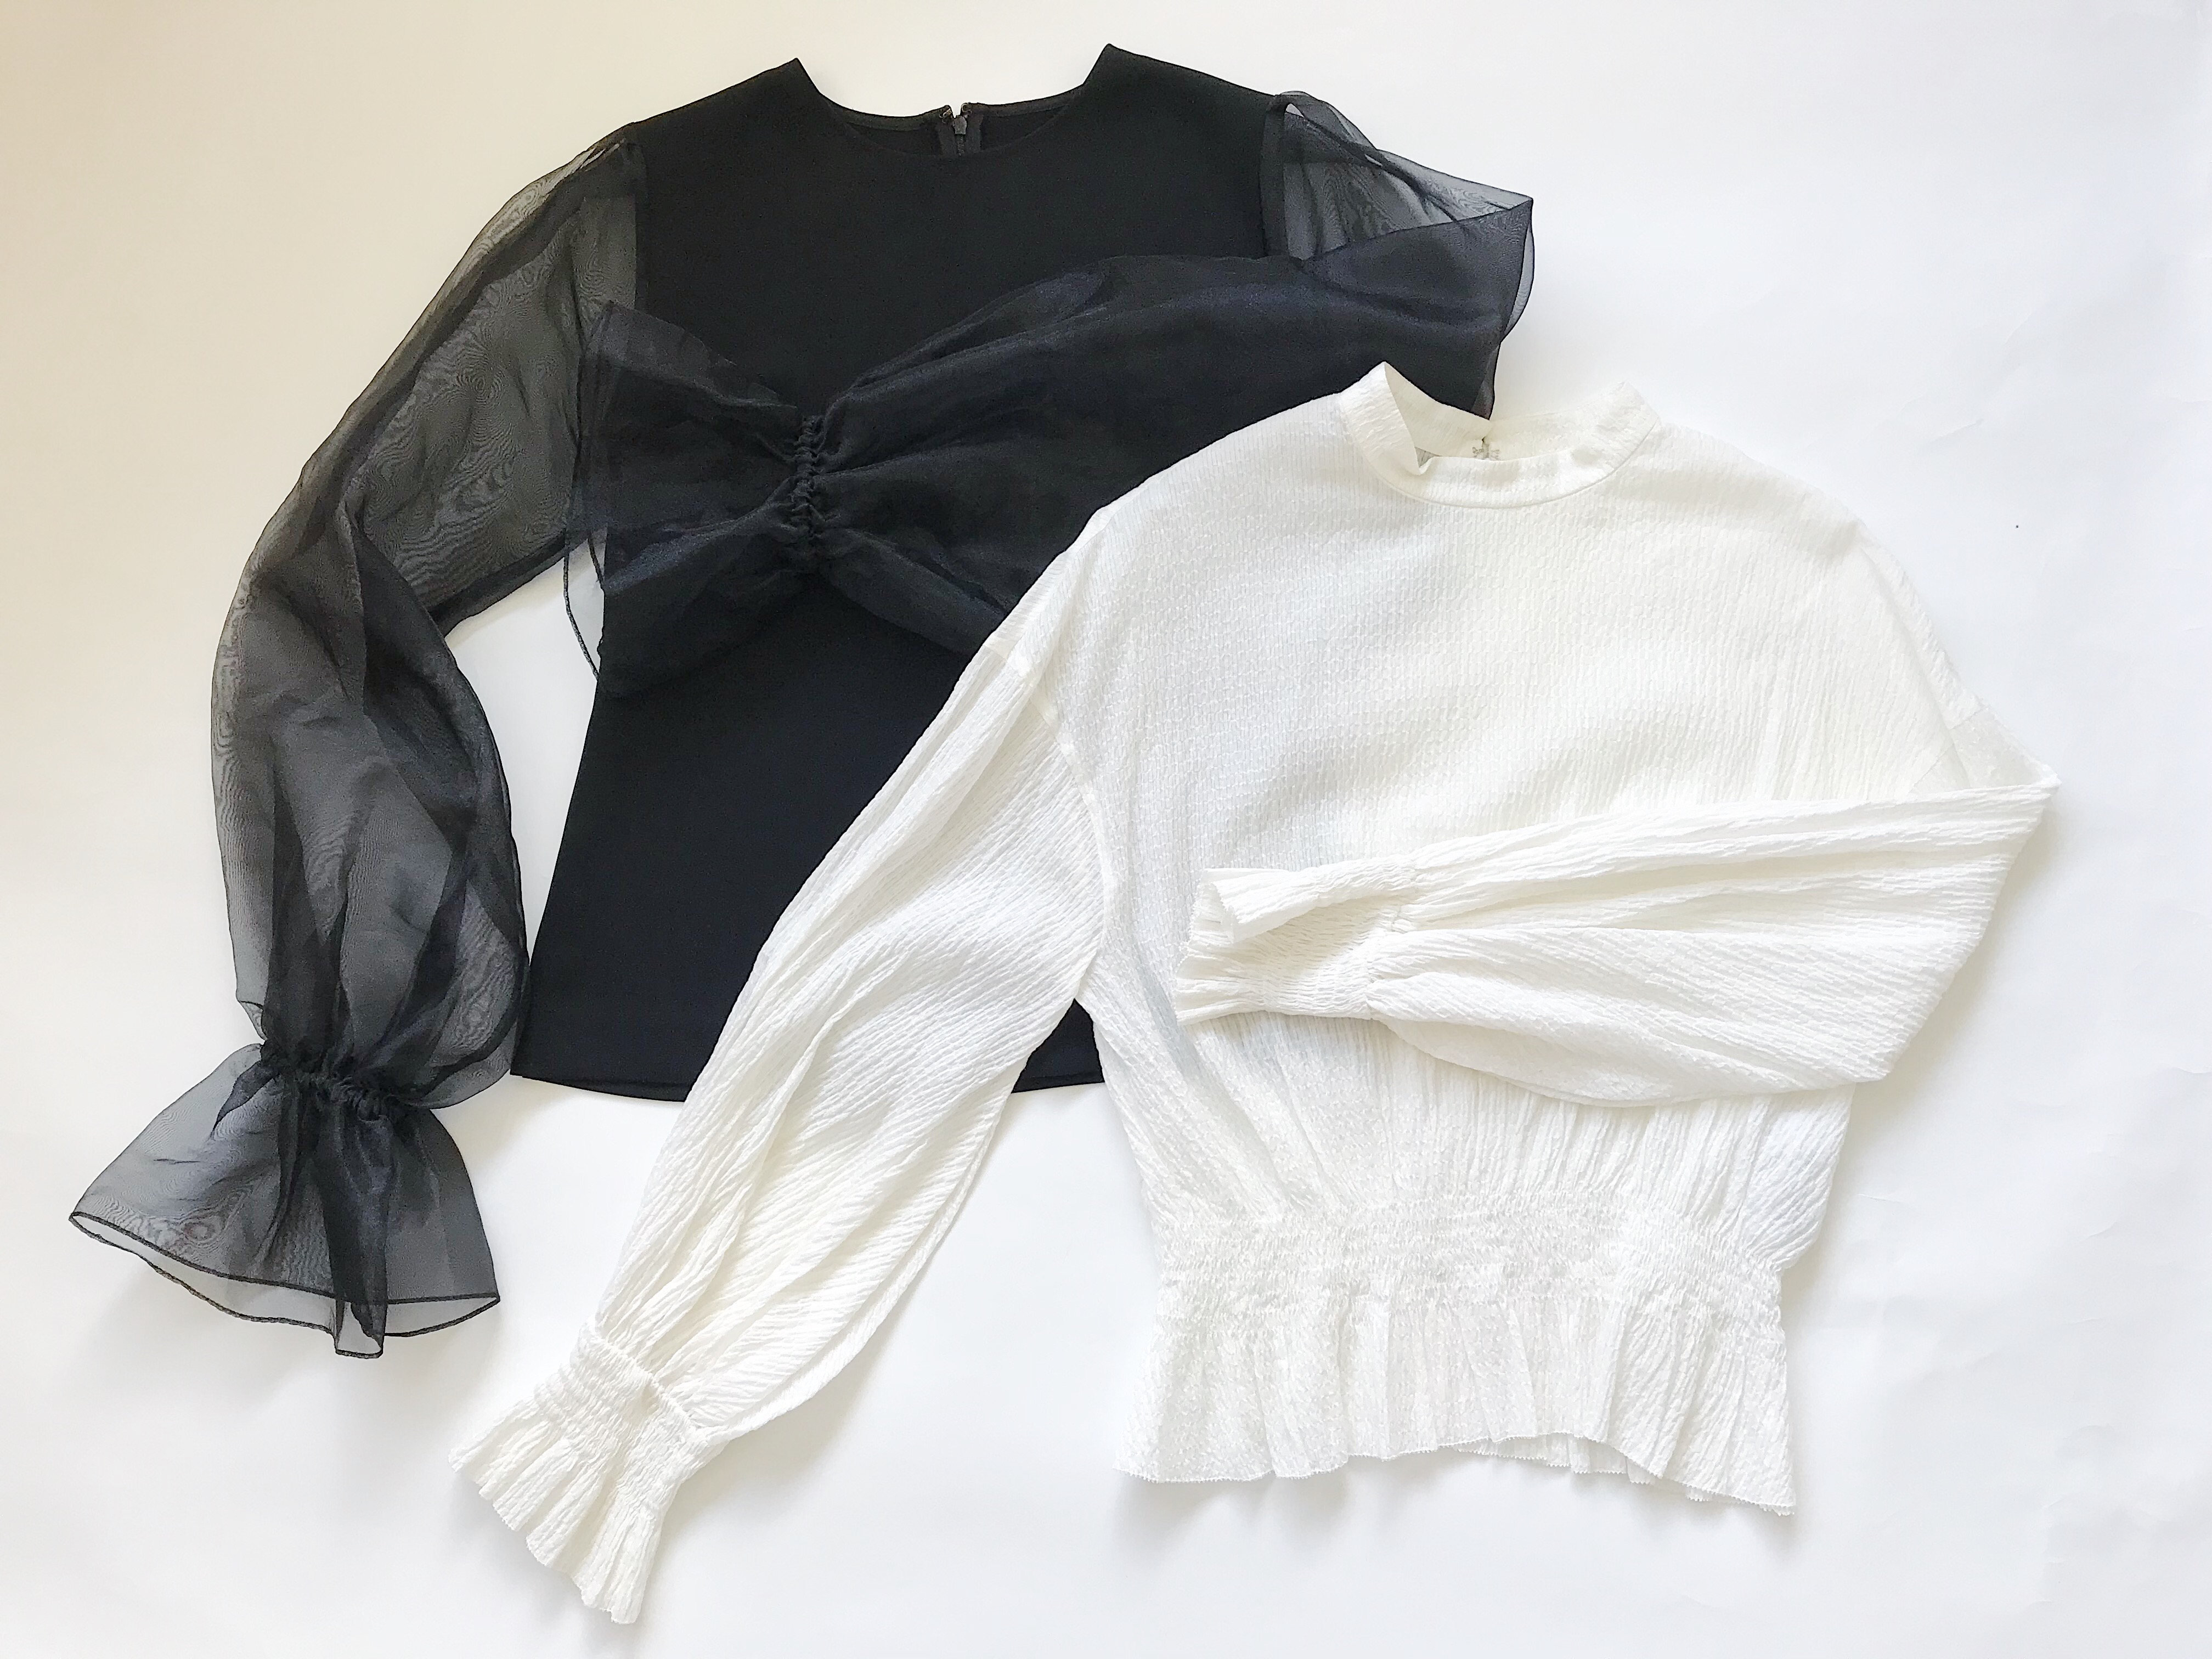 旅のファッションアイテム 袖が特徴的で上品に見えるトップス